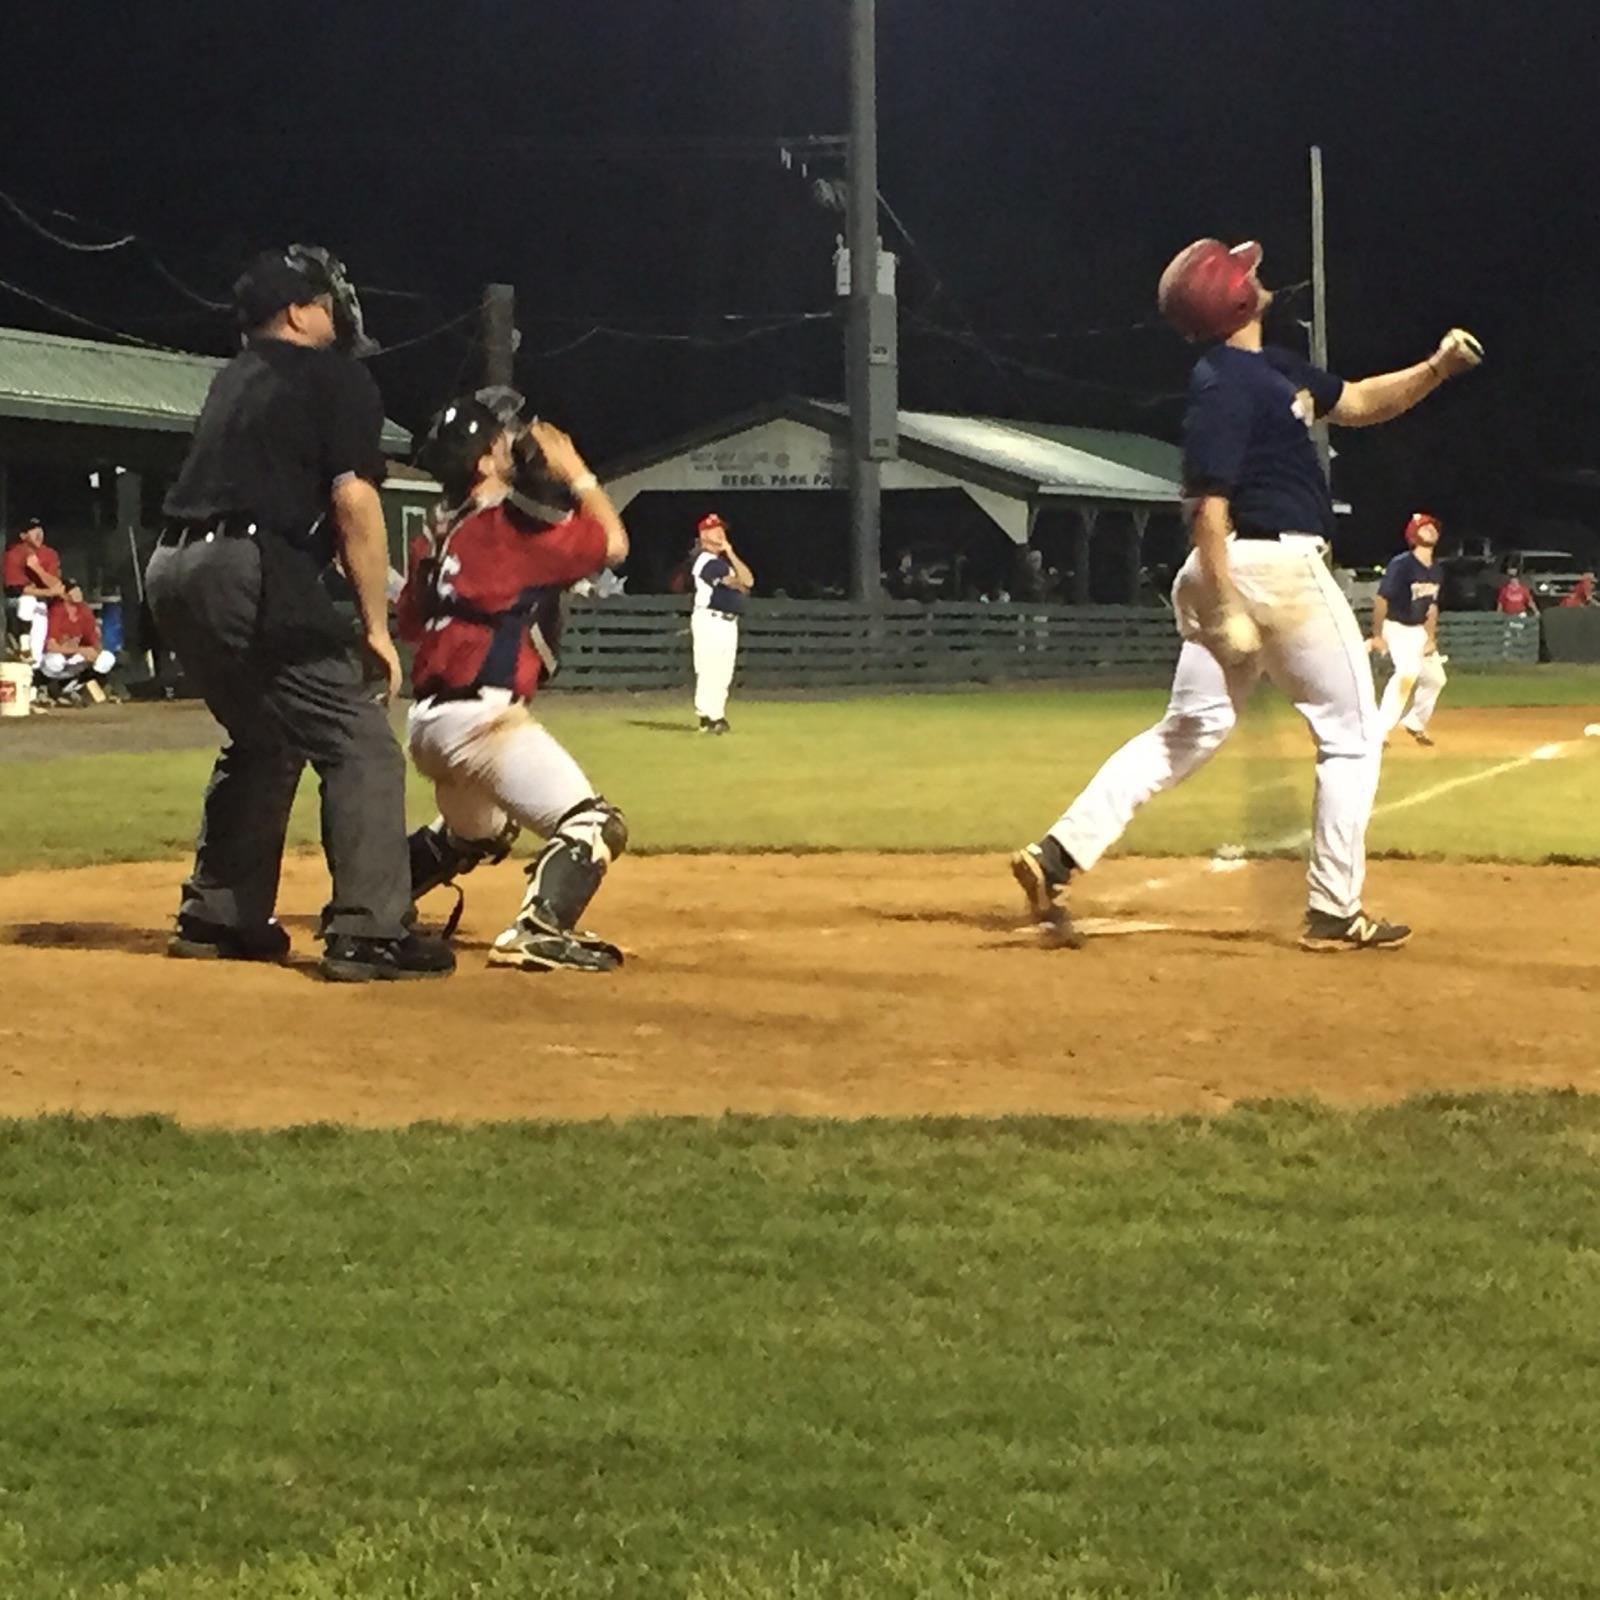 Jarod Baker (OVU) at bat on June 6